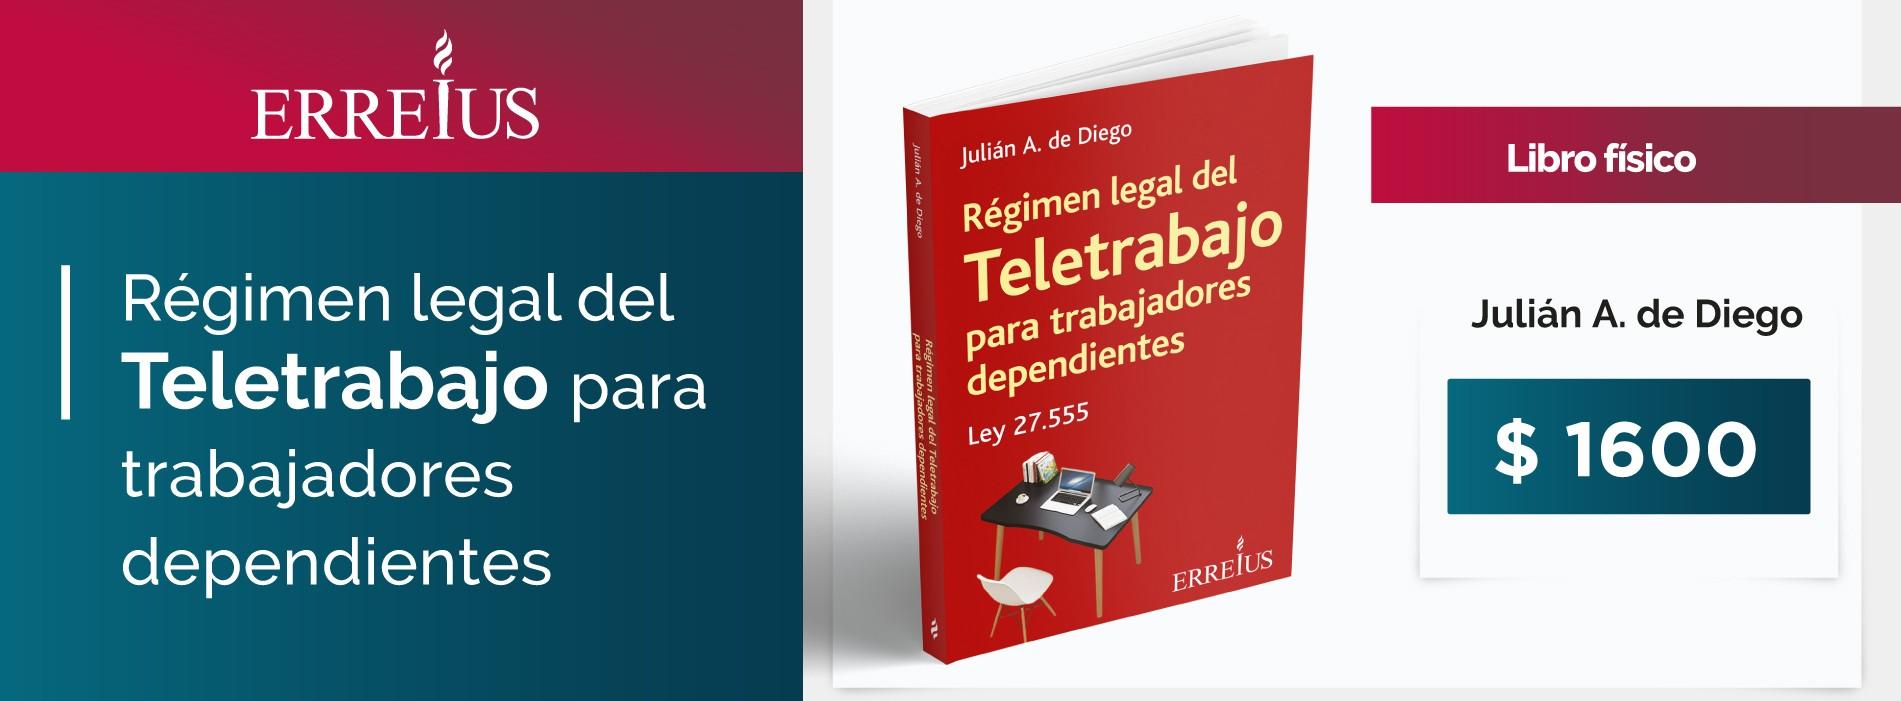 Régimen Legal del Teletrabajo para Trabajadores Dependientes